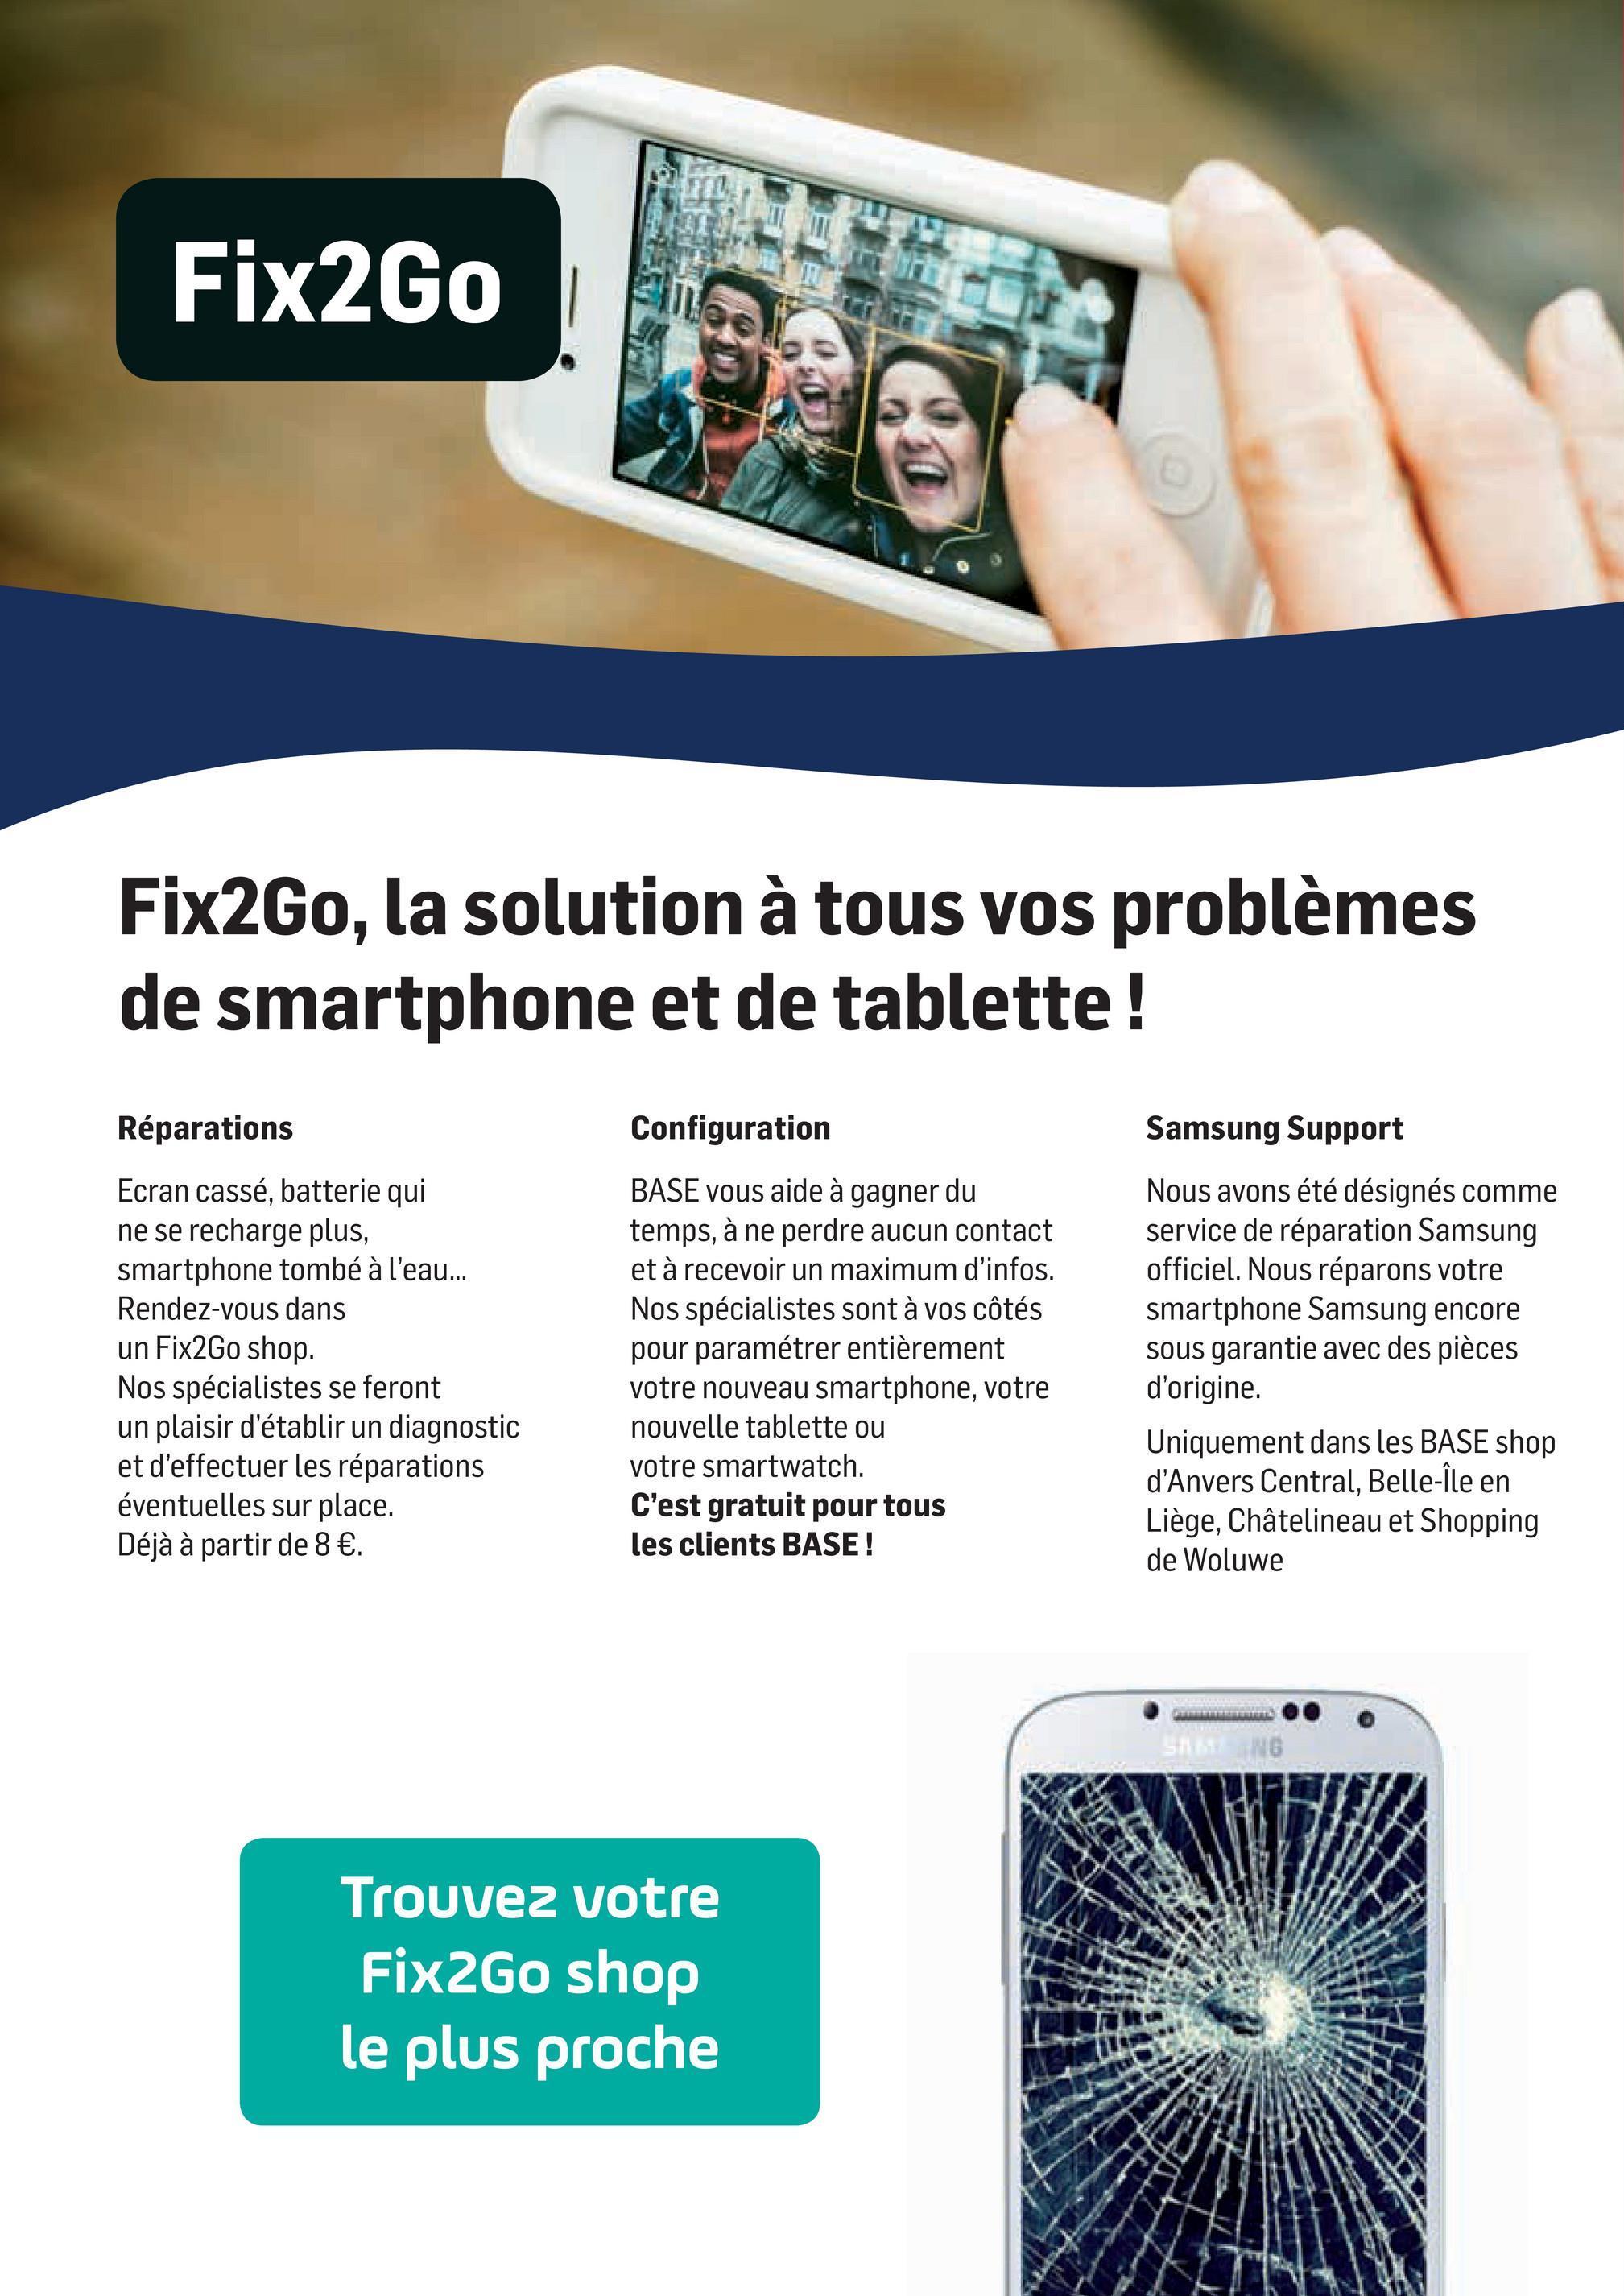 Folder Base du 02/04/2018 au 01/05/2018 - Fix2Go SE EFT IN Fix2Go, la solution à tous vos problèmes de smartphone et de tablette ! Réparations Samsung Support Ecran cassé, batterie qui ne se recharge plus, smartphone tombé à l'eau... Rendez-vous dans un Fix2Go shop. Nos spécialistes se feront un plaisir d'établir un diagnostic et d'effectuer les réparations éventuelles sur place. Déjà à partir de 8 €. Configuration BASE vous aide à gagner du temps, à ne perdre aucun contact et à recevoir un maximum d'infos. Nos spécialistes sont à vos côtés pour paramétrer entièrement votre nouveau smartphone, votre nouvelle tablette ou votre smartwatch. C'est gratuit pour tous les clients BASE ! Nous avons été désignés comme service de réparation Samsung officiel. Nous réparons votre smartphone Samsung encore sous garantie avec des pièces d'origine. Uniquement dans les BASE shop d'Anvers Central, Belle-Île en Liège, Châtelineau et Shopping de Woluwe B Trouvez votre Fix2Go shop le plus proche